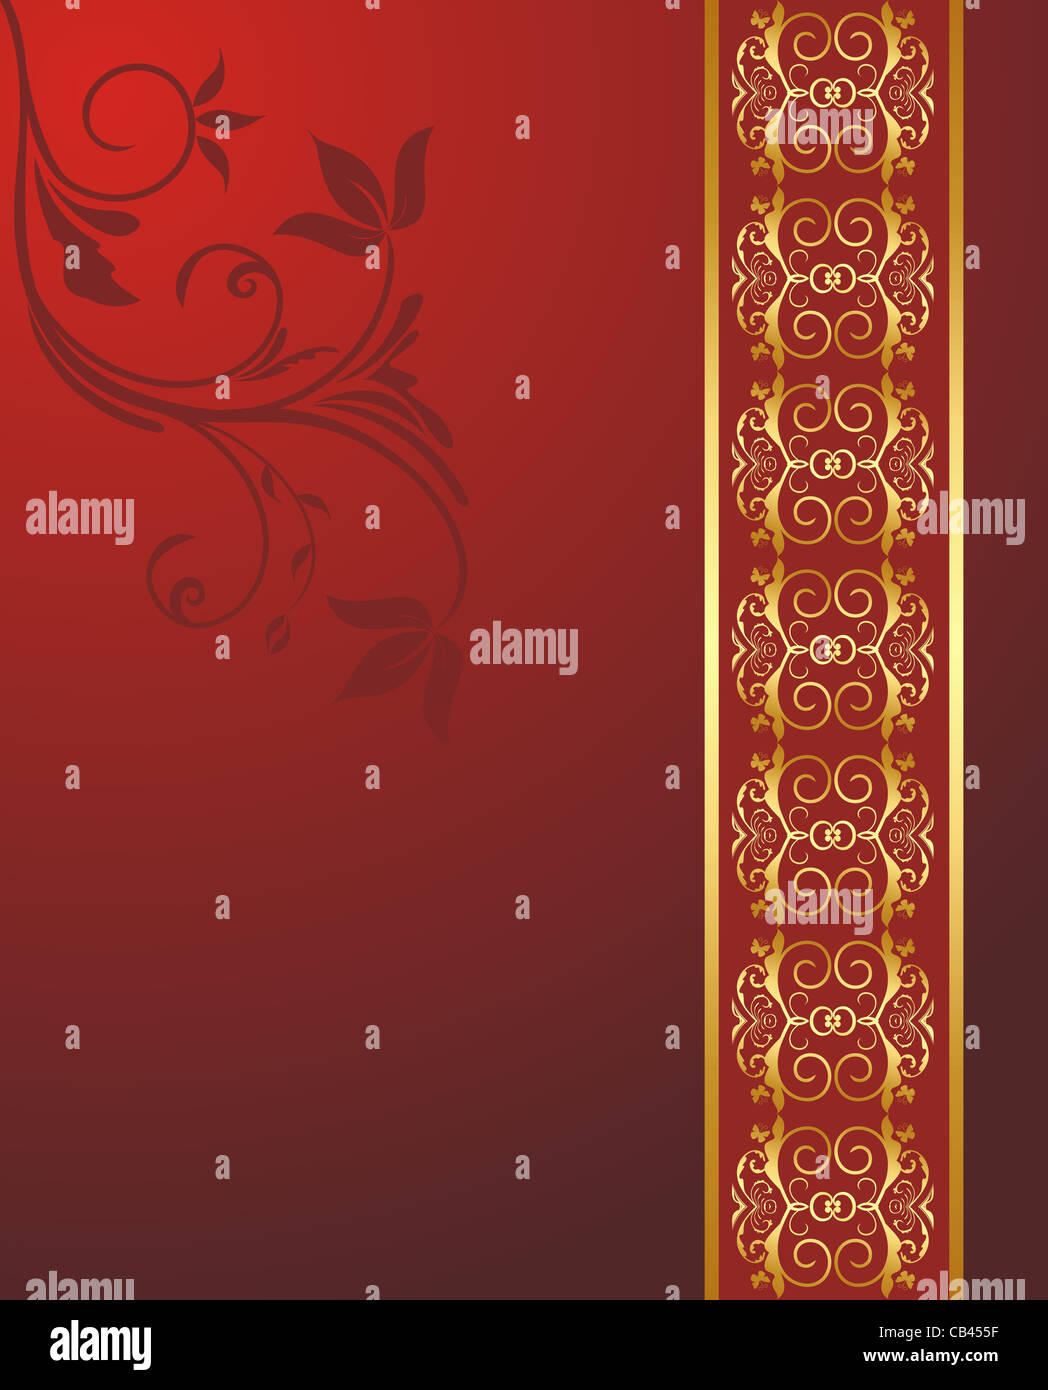 Illustration Floral Background For Design Wedding Card